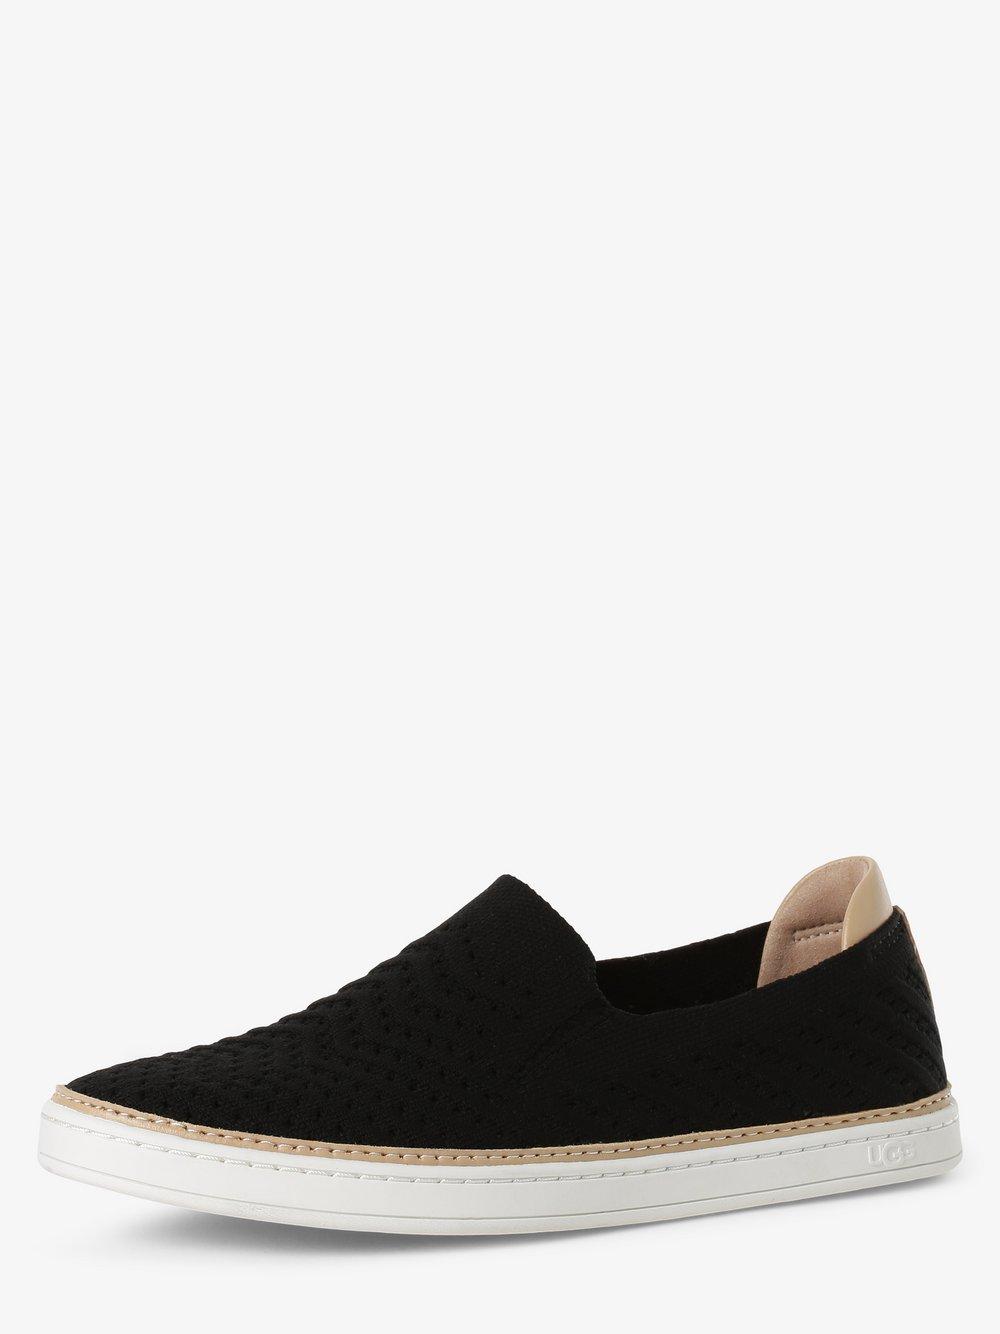 UGG - Damskie pantofle – Sammy Chevron, czarny